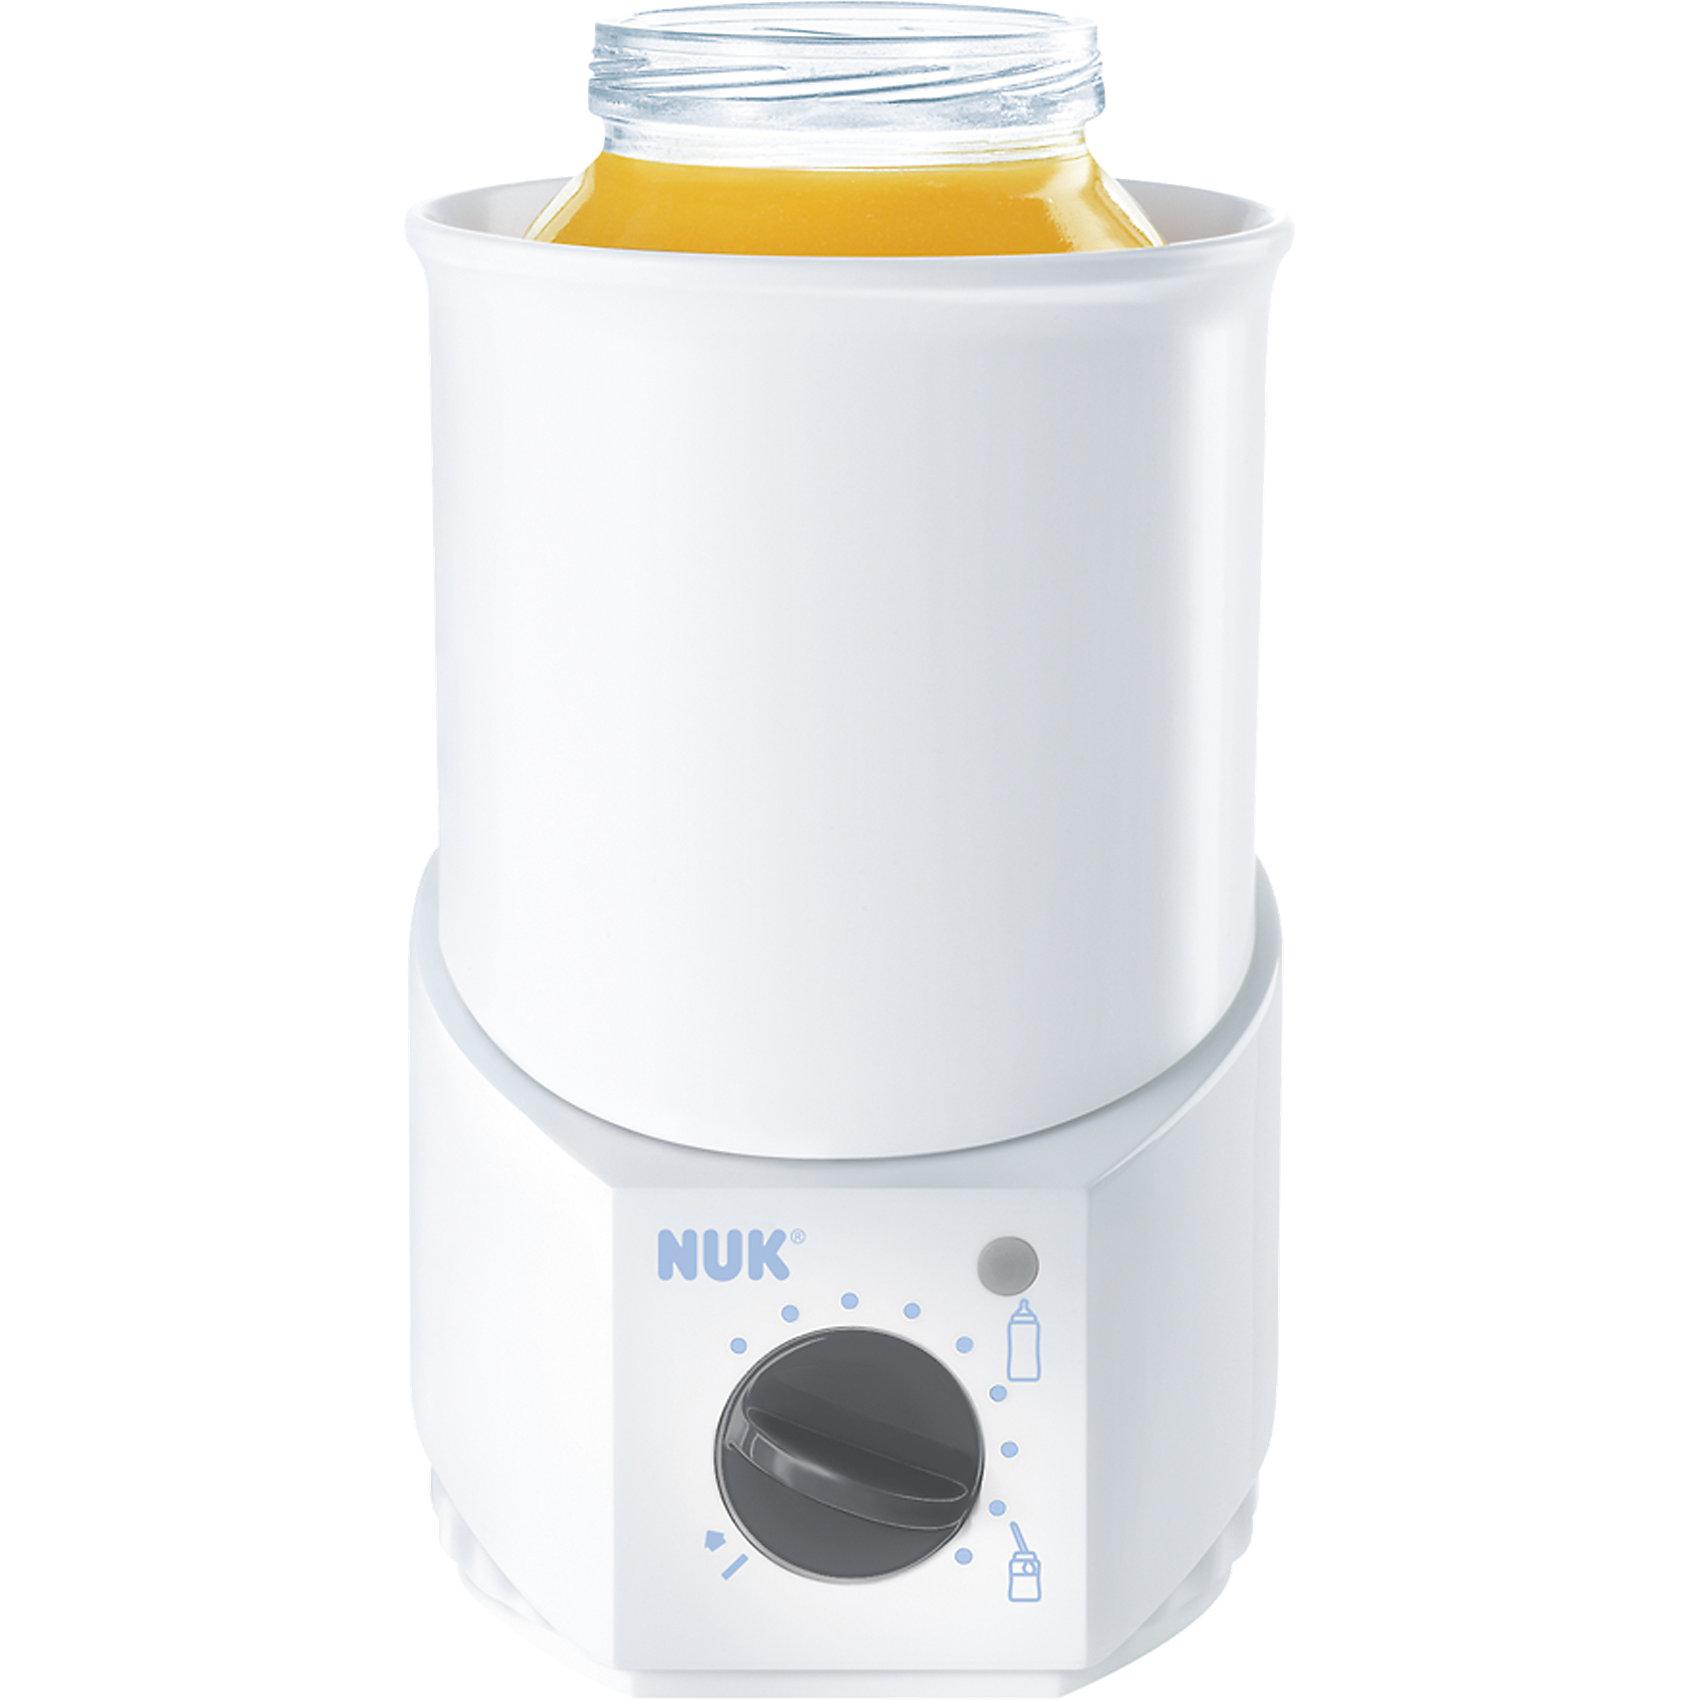 Подогреватель детского питания, NUKПодогреватель детского питания, NUK – в помощь маме и папе.<br>Легко нагревает детское питание до нужной температуры. Абсолютно безопасен в использовании благодаря качественной сборке. Может греть как бутылочки с молочной смесью, так и баночки с едой. После нагревания питания поддерживает температуру длительное время. Благодаря термостату автоматически отключается, если вы забудете о питании. <br><br>Дополнительная информация:<br><br>- производитель: Германия<br>- размер: 9,6х9,6х14,9 см<br>- вес: 0,327<br>- материал: пластик<br><br>Подогреватель детского питания, NUK можно купить в нашем интернет магазине.<br><br>Ширина мм: 99<br>Глубина мм: 101<br>Высота мм: 152<br>Вес г: 297<br>Возраст от месяцев: 0<br>Возраст до месяцев: 36<br>Пол: Унисекс<br>Возраст: Детский<br>SKU: 1032546